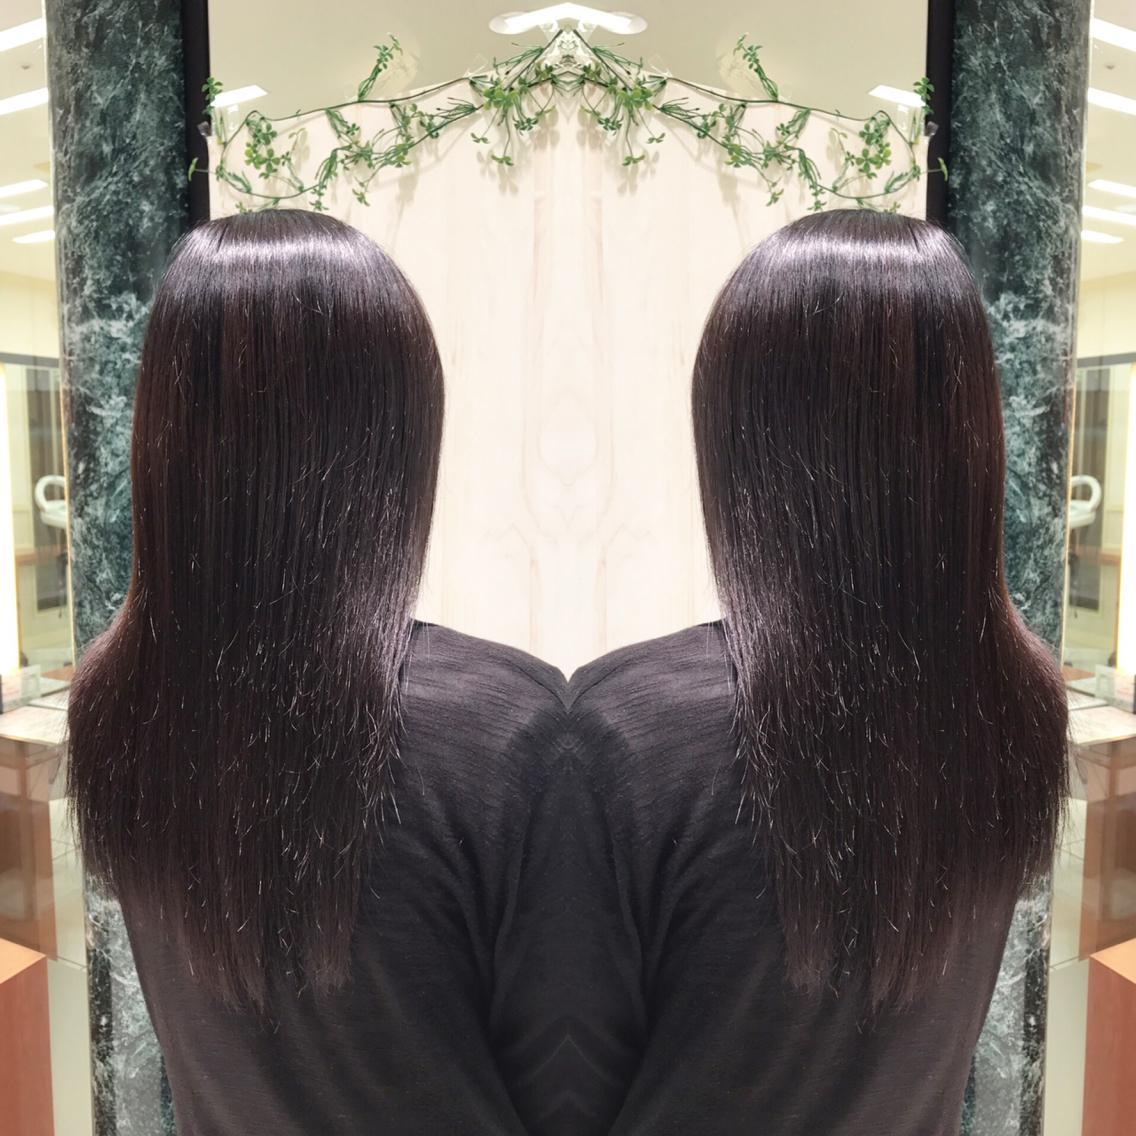 #セミロング #パーマ 夏のダメージもプレミアム縮毛矯正でサラツヤな髪へ💇✨